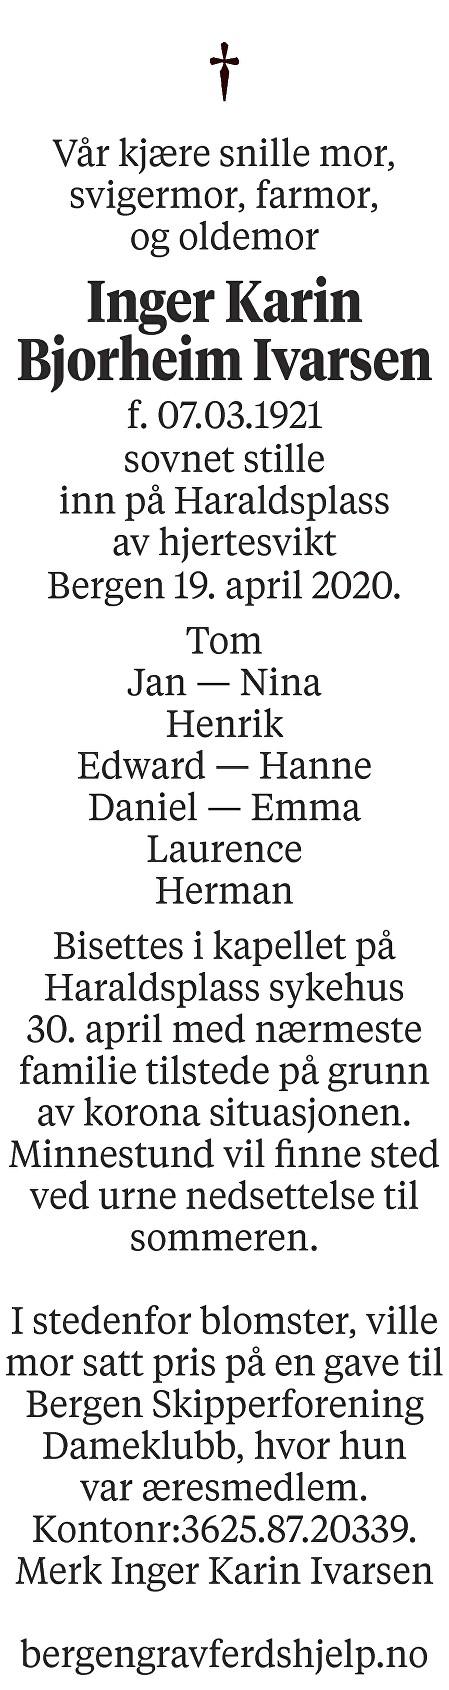 Inger Karin Bjorheim Ivarsen Dødsannonse